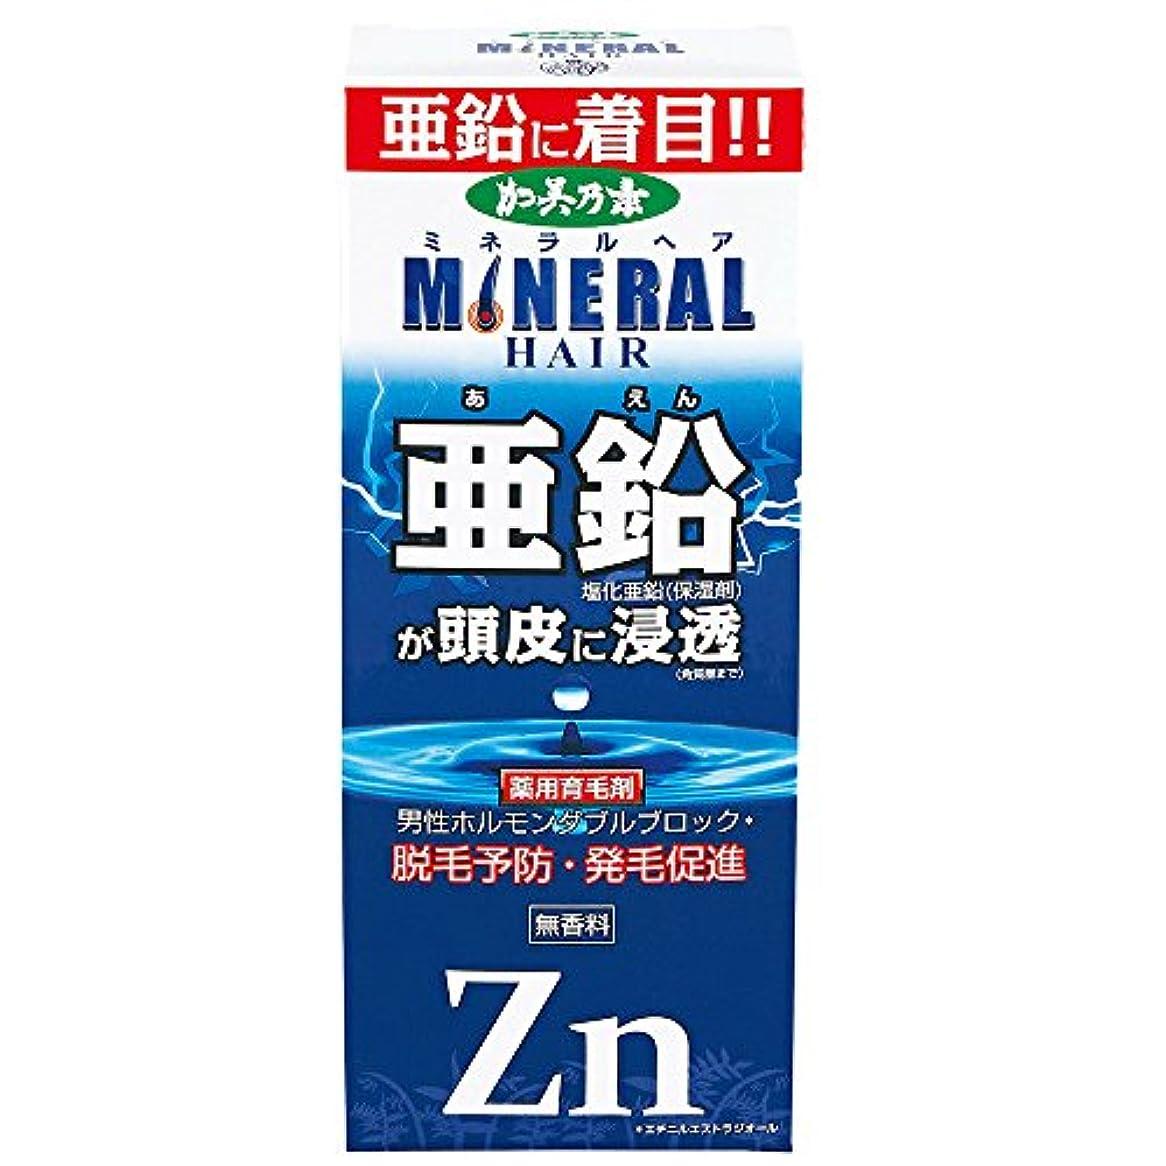 悲観的スプーン水を飲む薬用加美乃素 ミネラルヘア 育毛剤 180mL (医薬部外品)